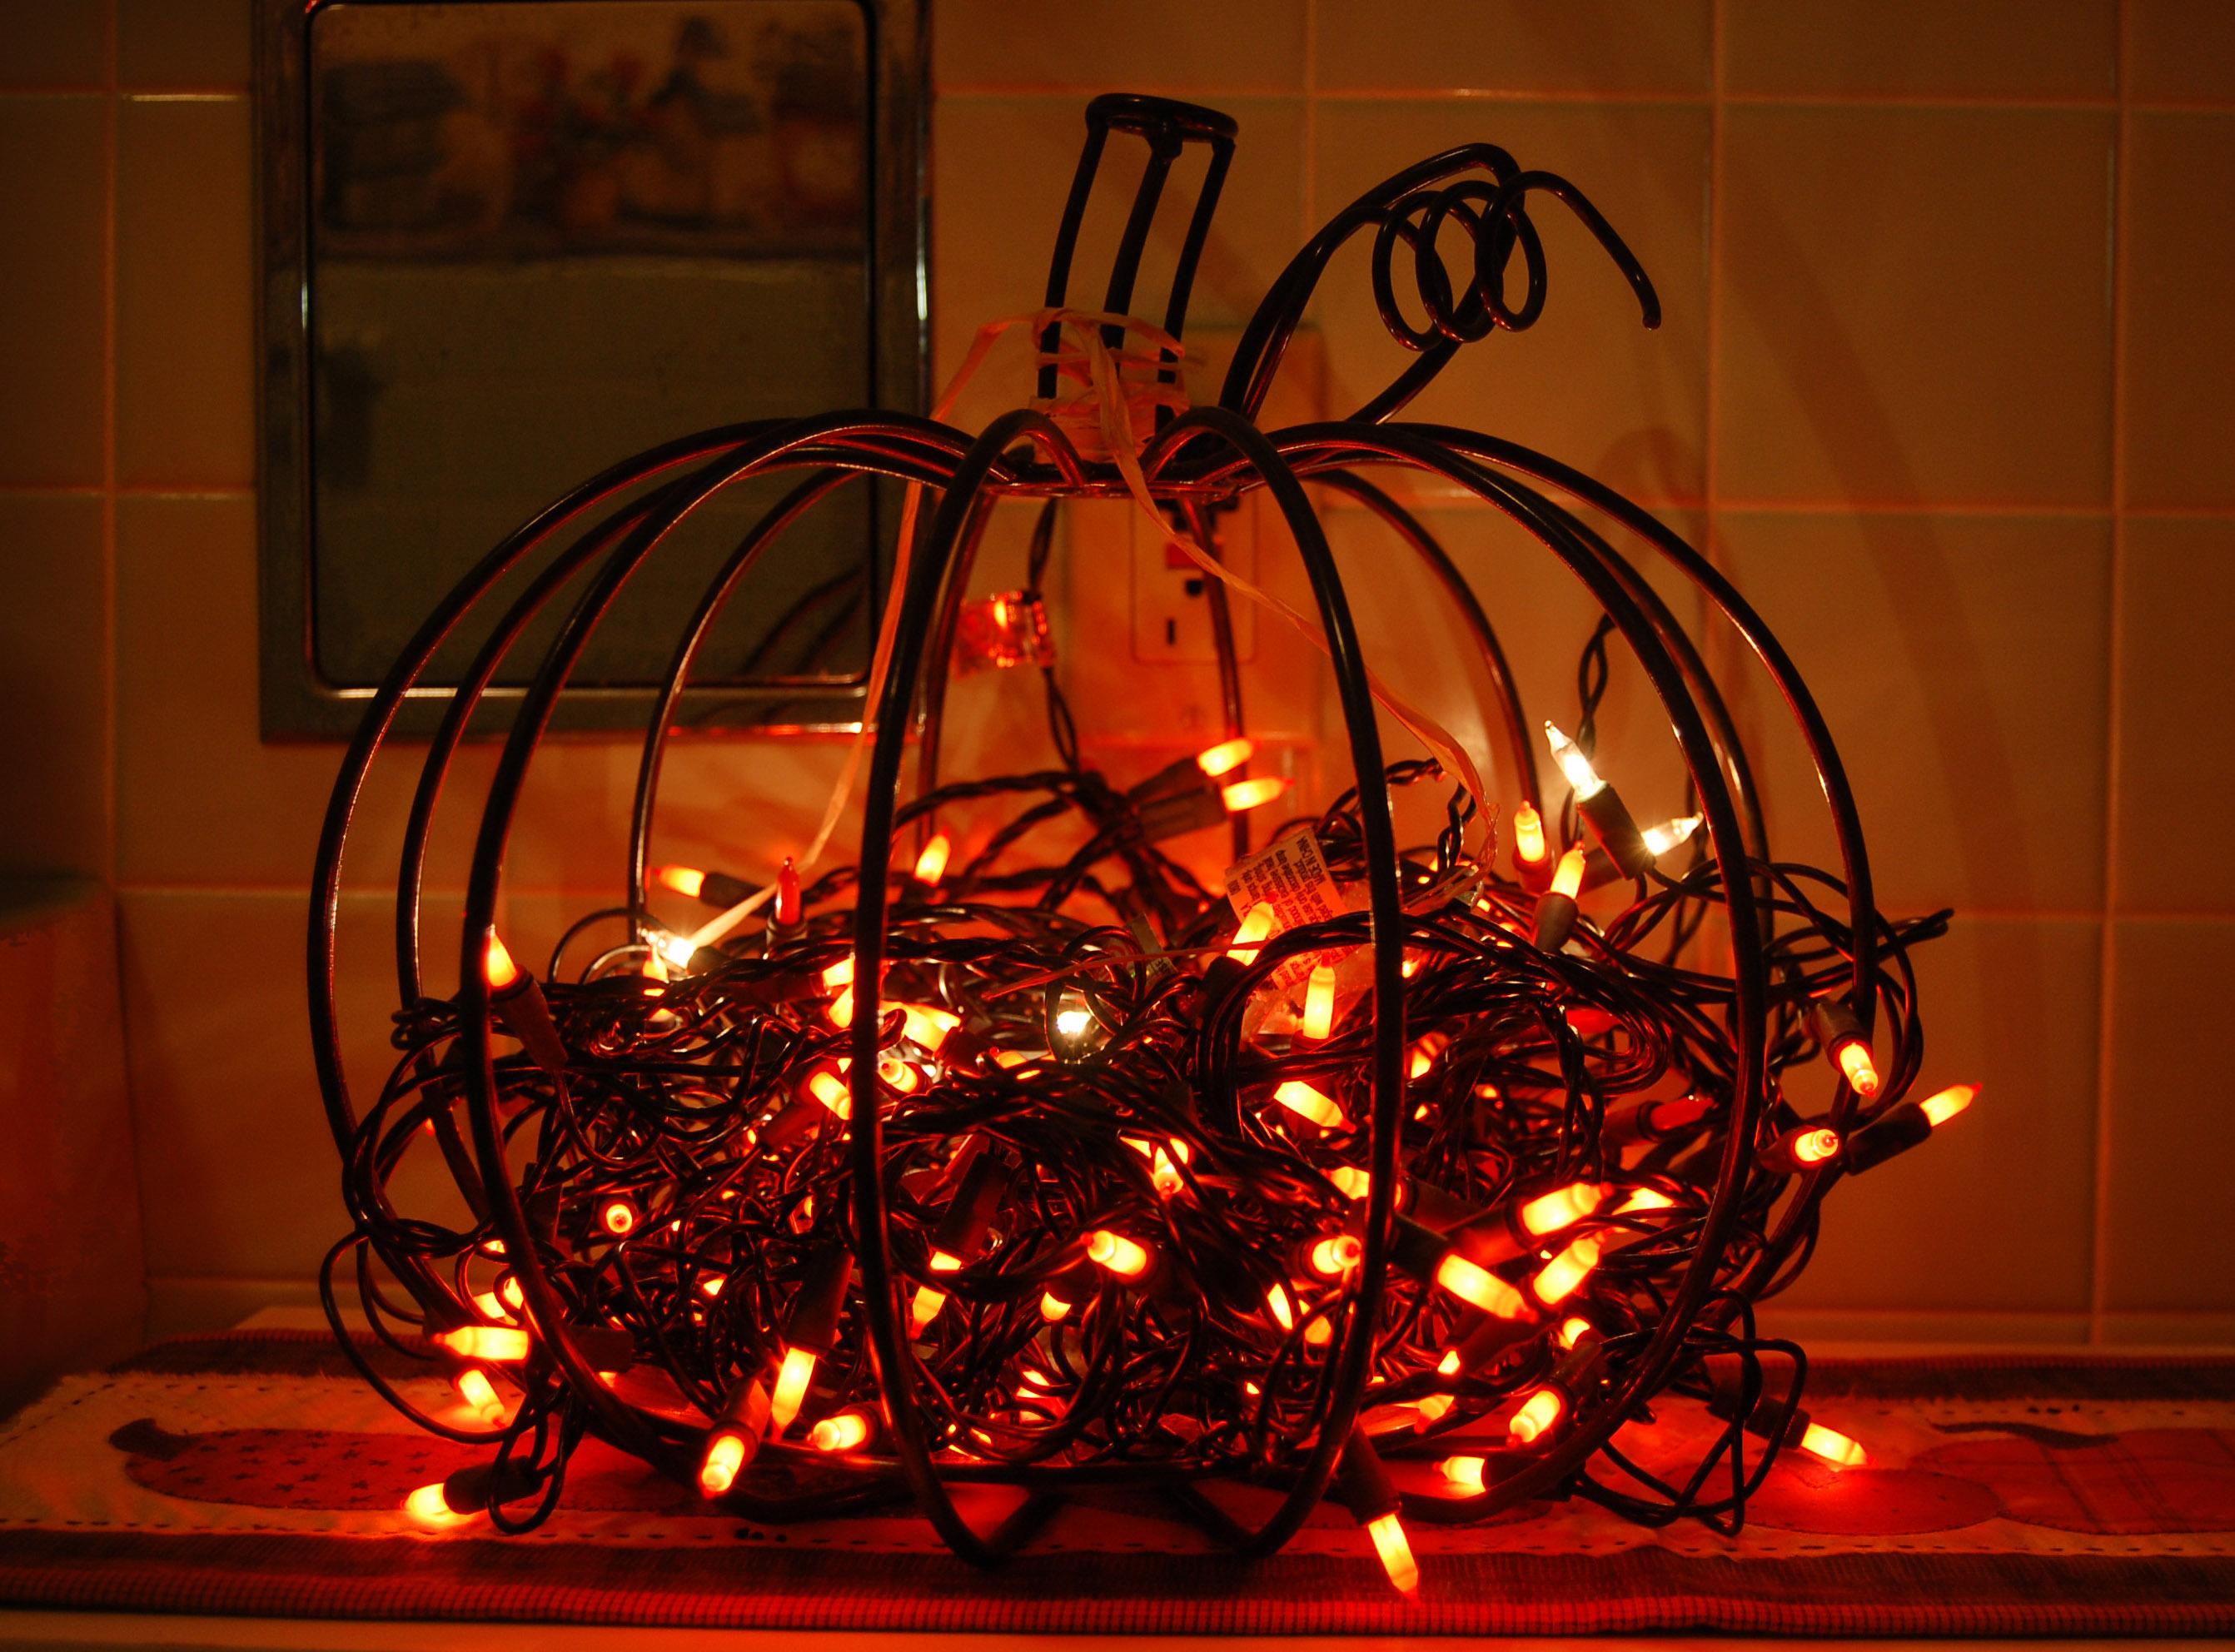 calabaza hecha de alambre y rellena de luces navideñas